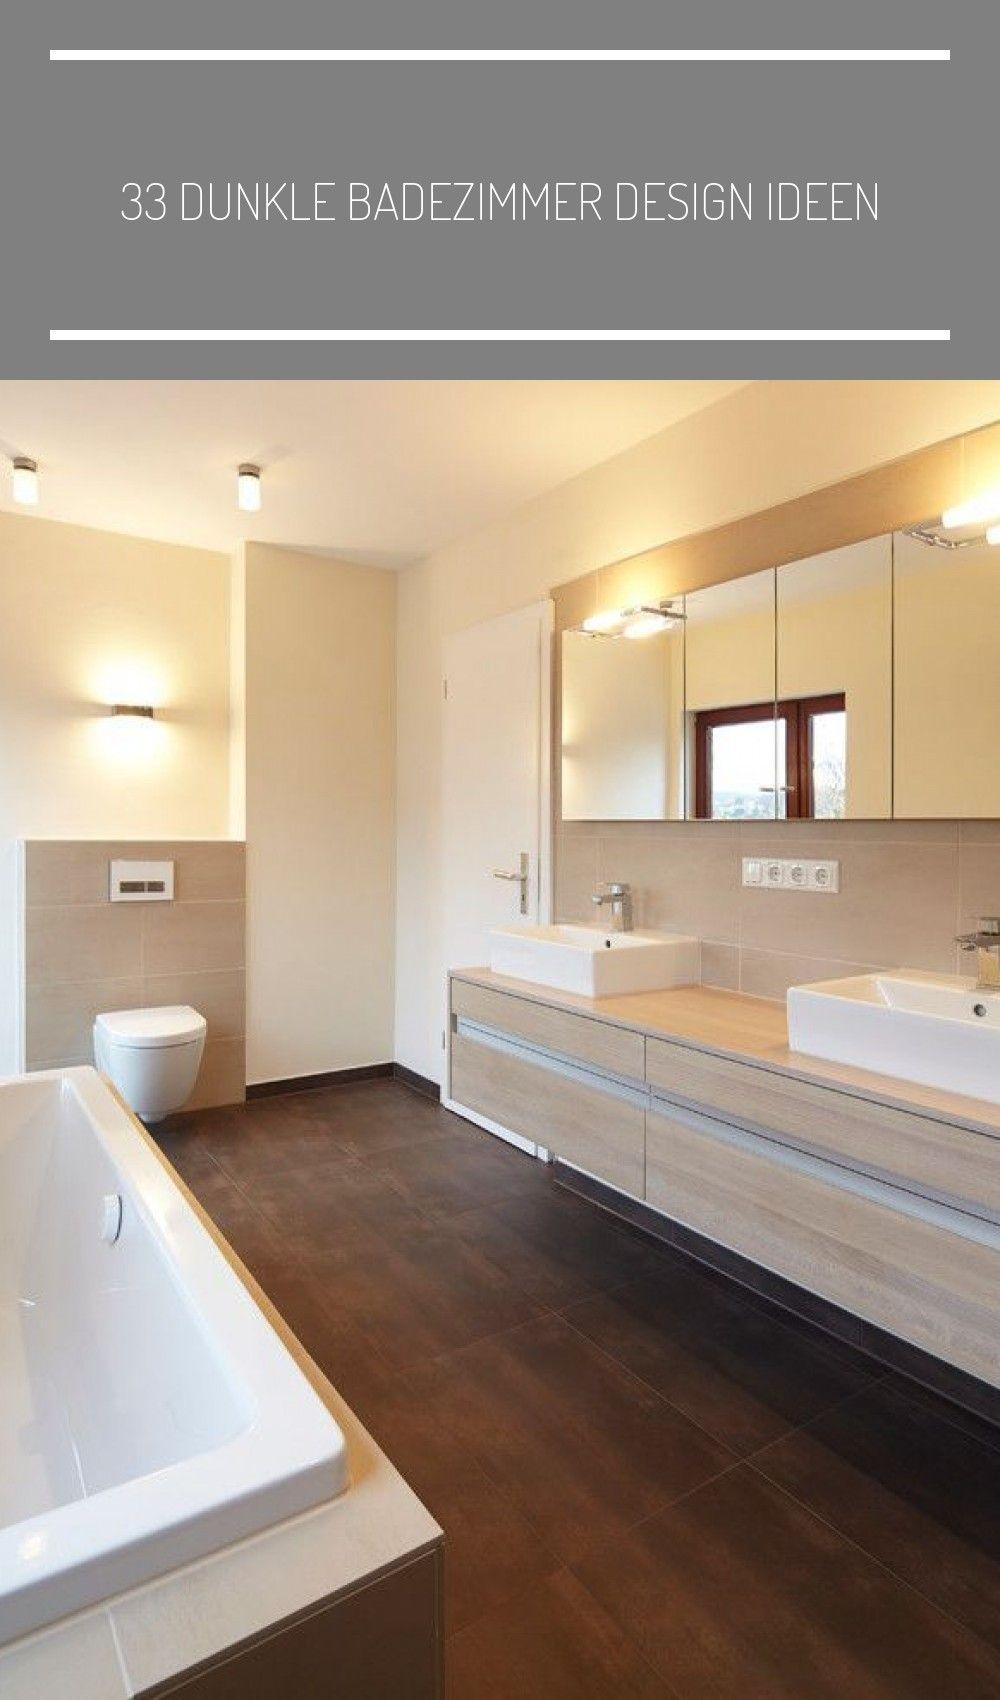 Die Besten 17 Ideen Zu Moderne Badezimmer Auf Pinterest Renovierung Haus Ideen Bad 33 Dunkle Badezimmer Desi In 2020 Family Bathroom Bathroom Interior Bathroom Design